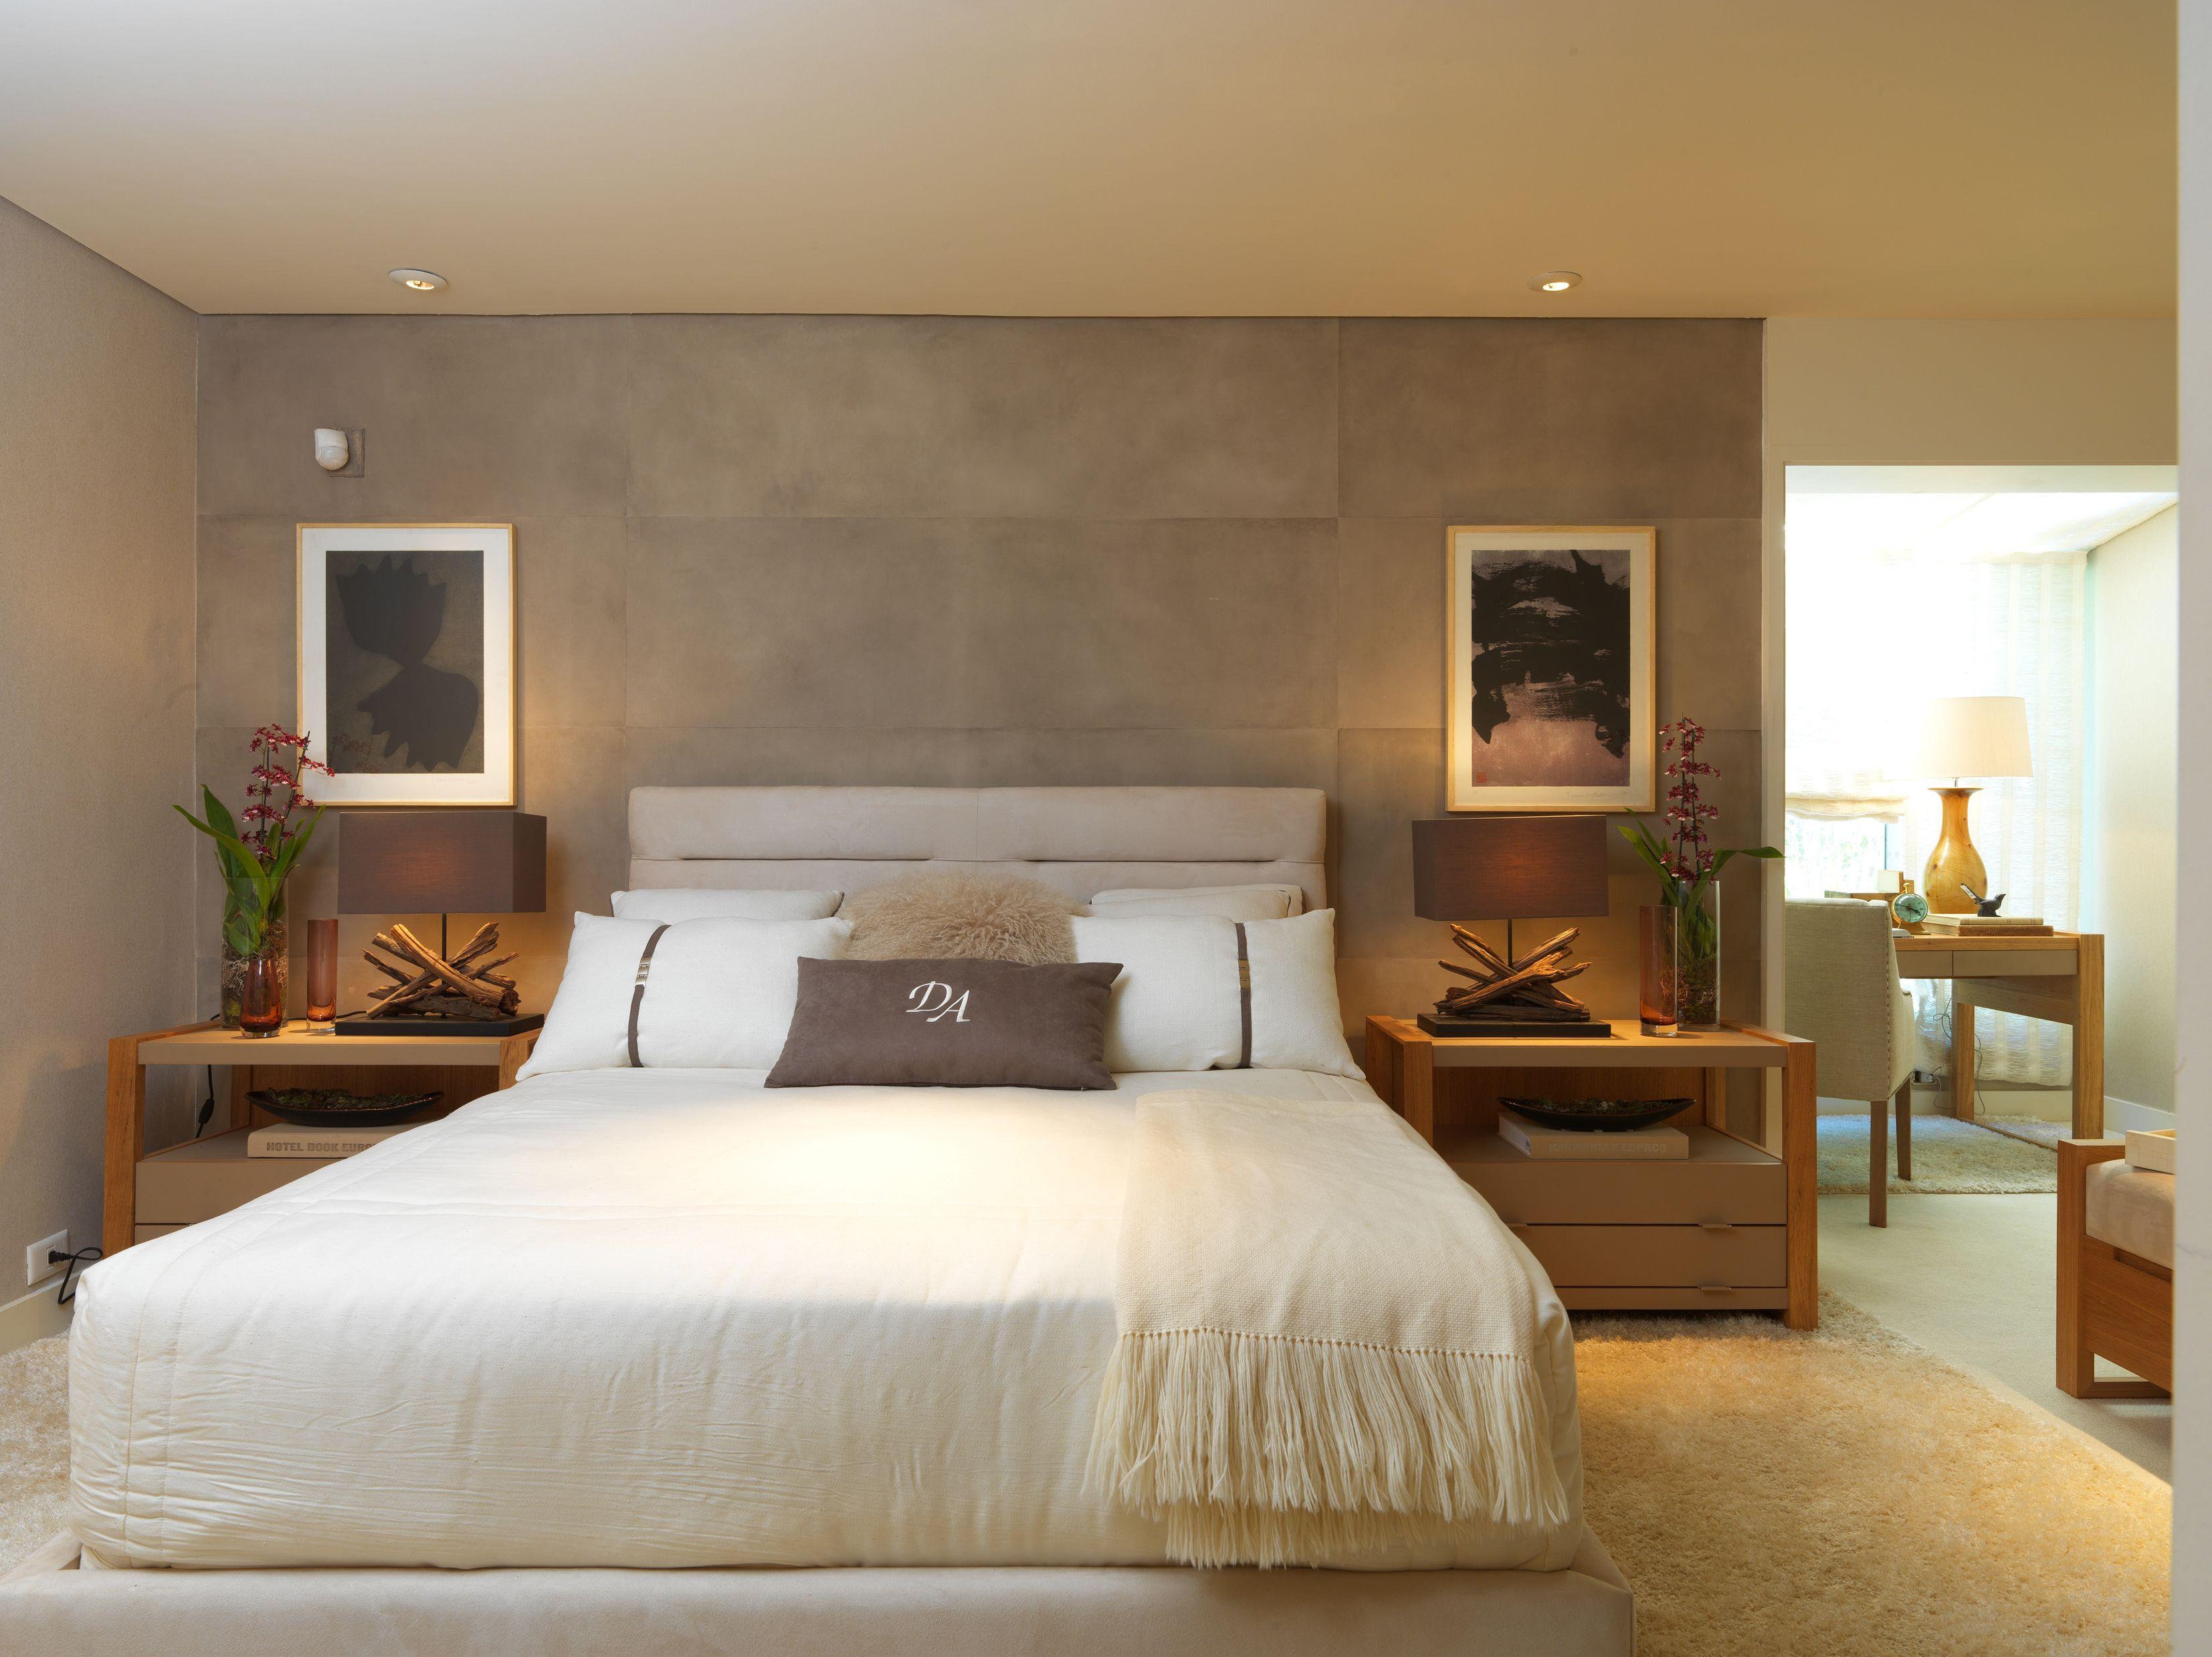 10 quartos em tons neutros por debora aguiar constance for Dormitorio para quarto pequeno